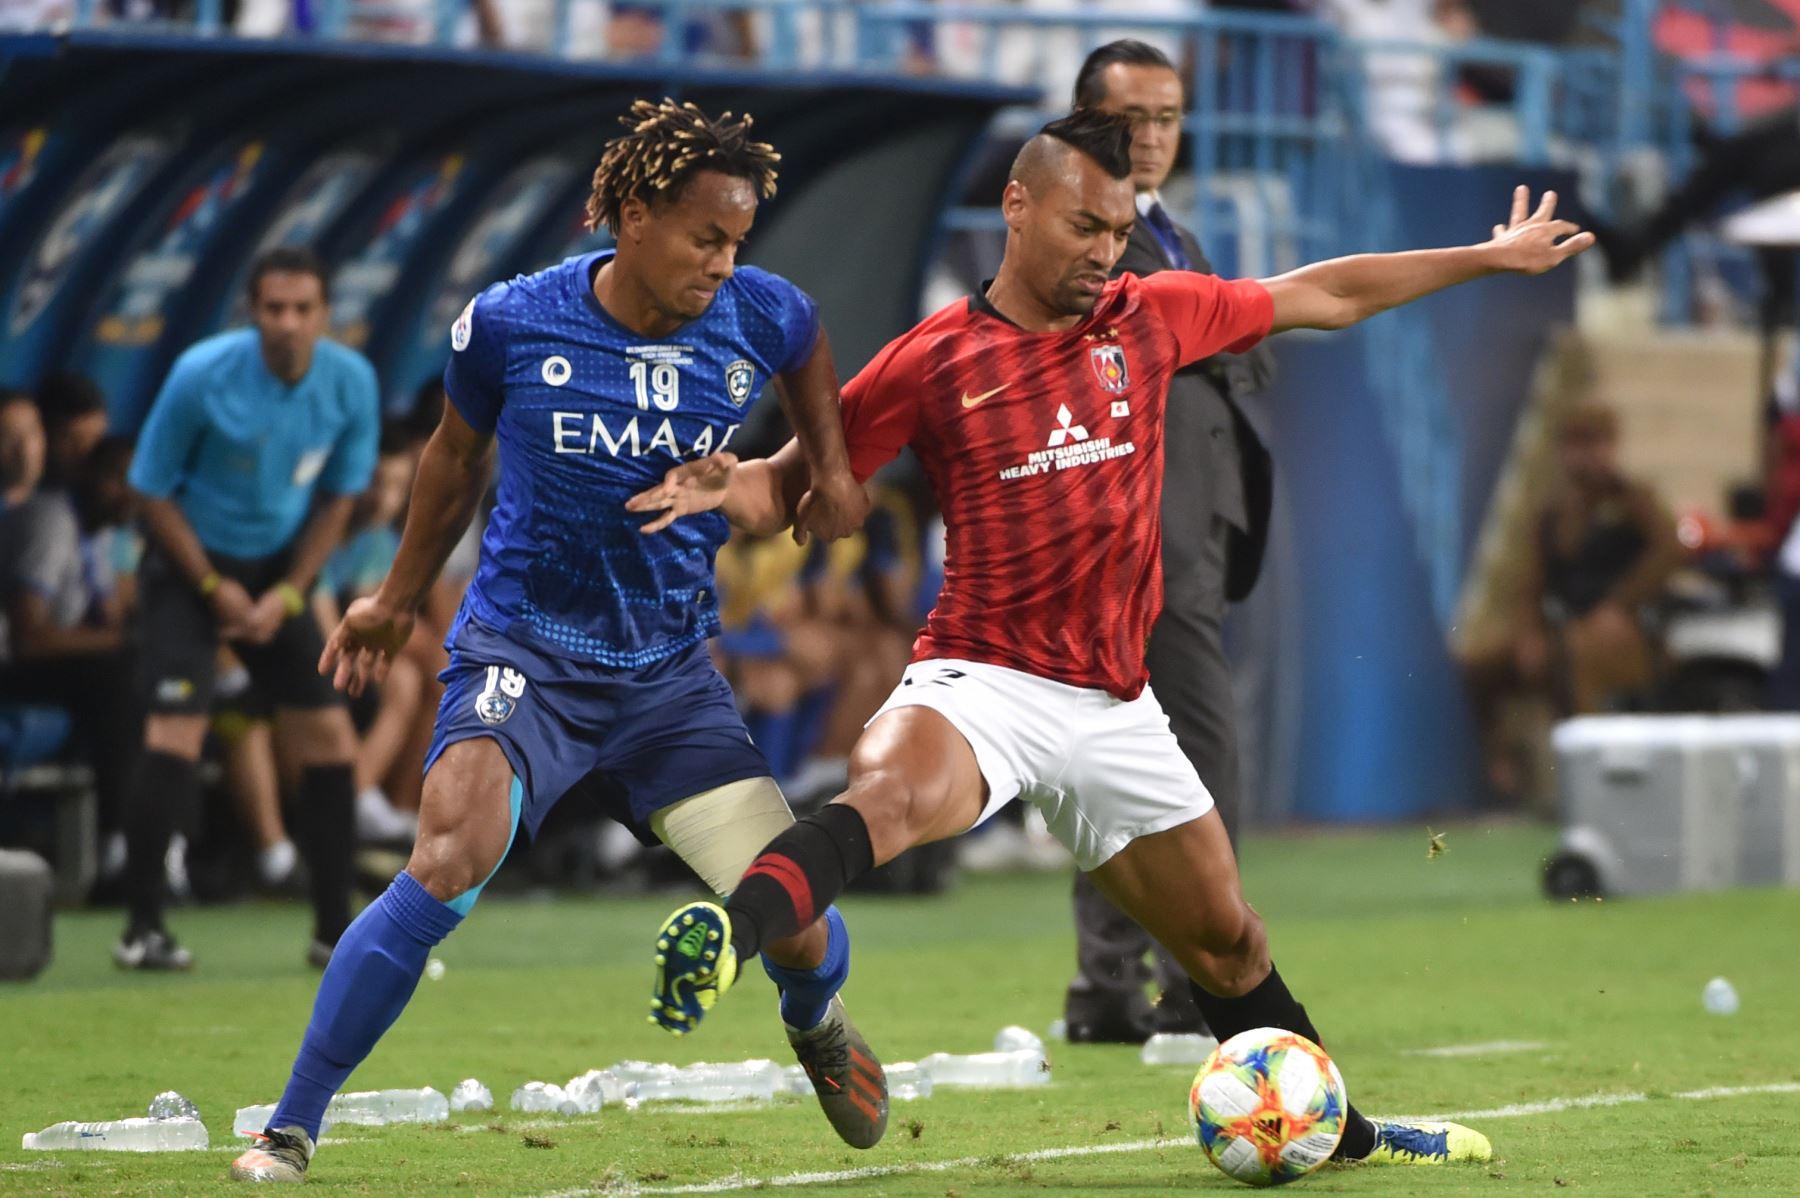 El mediocampista de Hilal Andre Carrillo (L) está marcado por el delantero de Urawa Fabricio durante el partido de ida de la final de la Liga de Campeones de la AFC entre Al-Hilal de Arabia Saudita y los Diamantes Rojos de Urawa de Japón. Foto: AFP